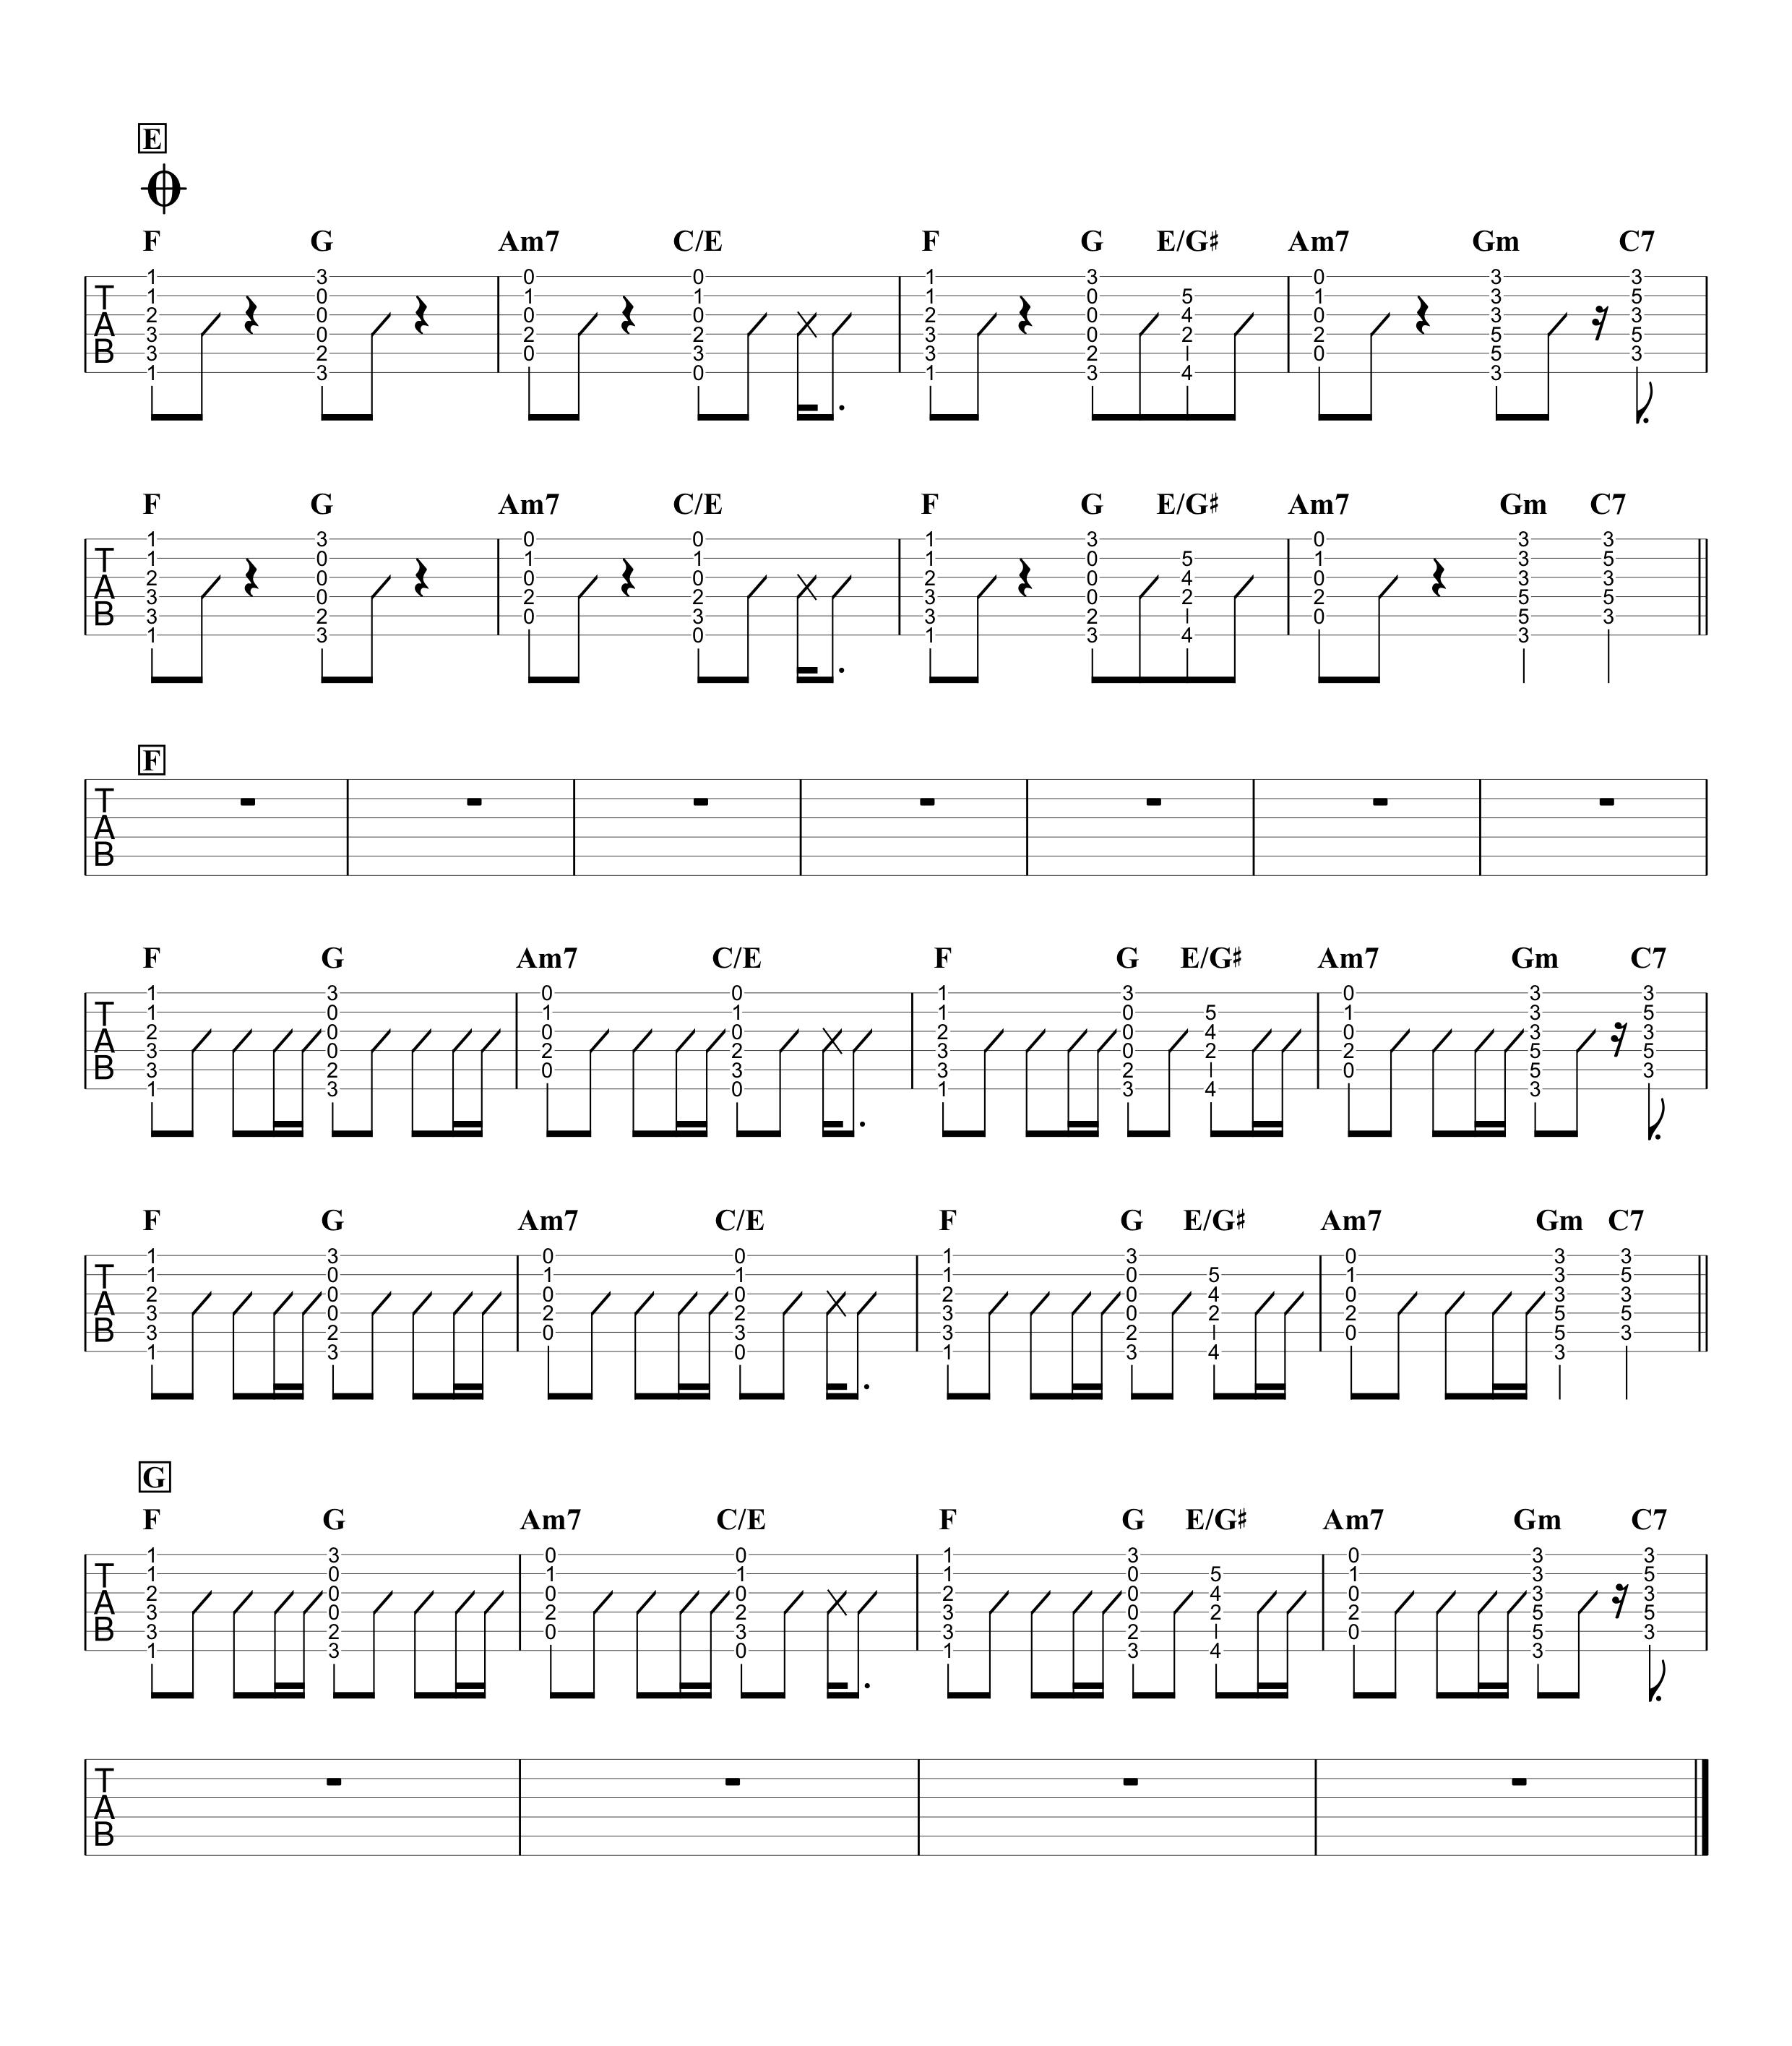 勿忘/Awesome City Club ギタータブ譜 コードストロークで弾く簡単アレンジVer.02